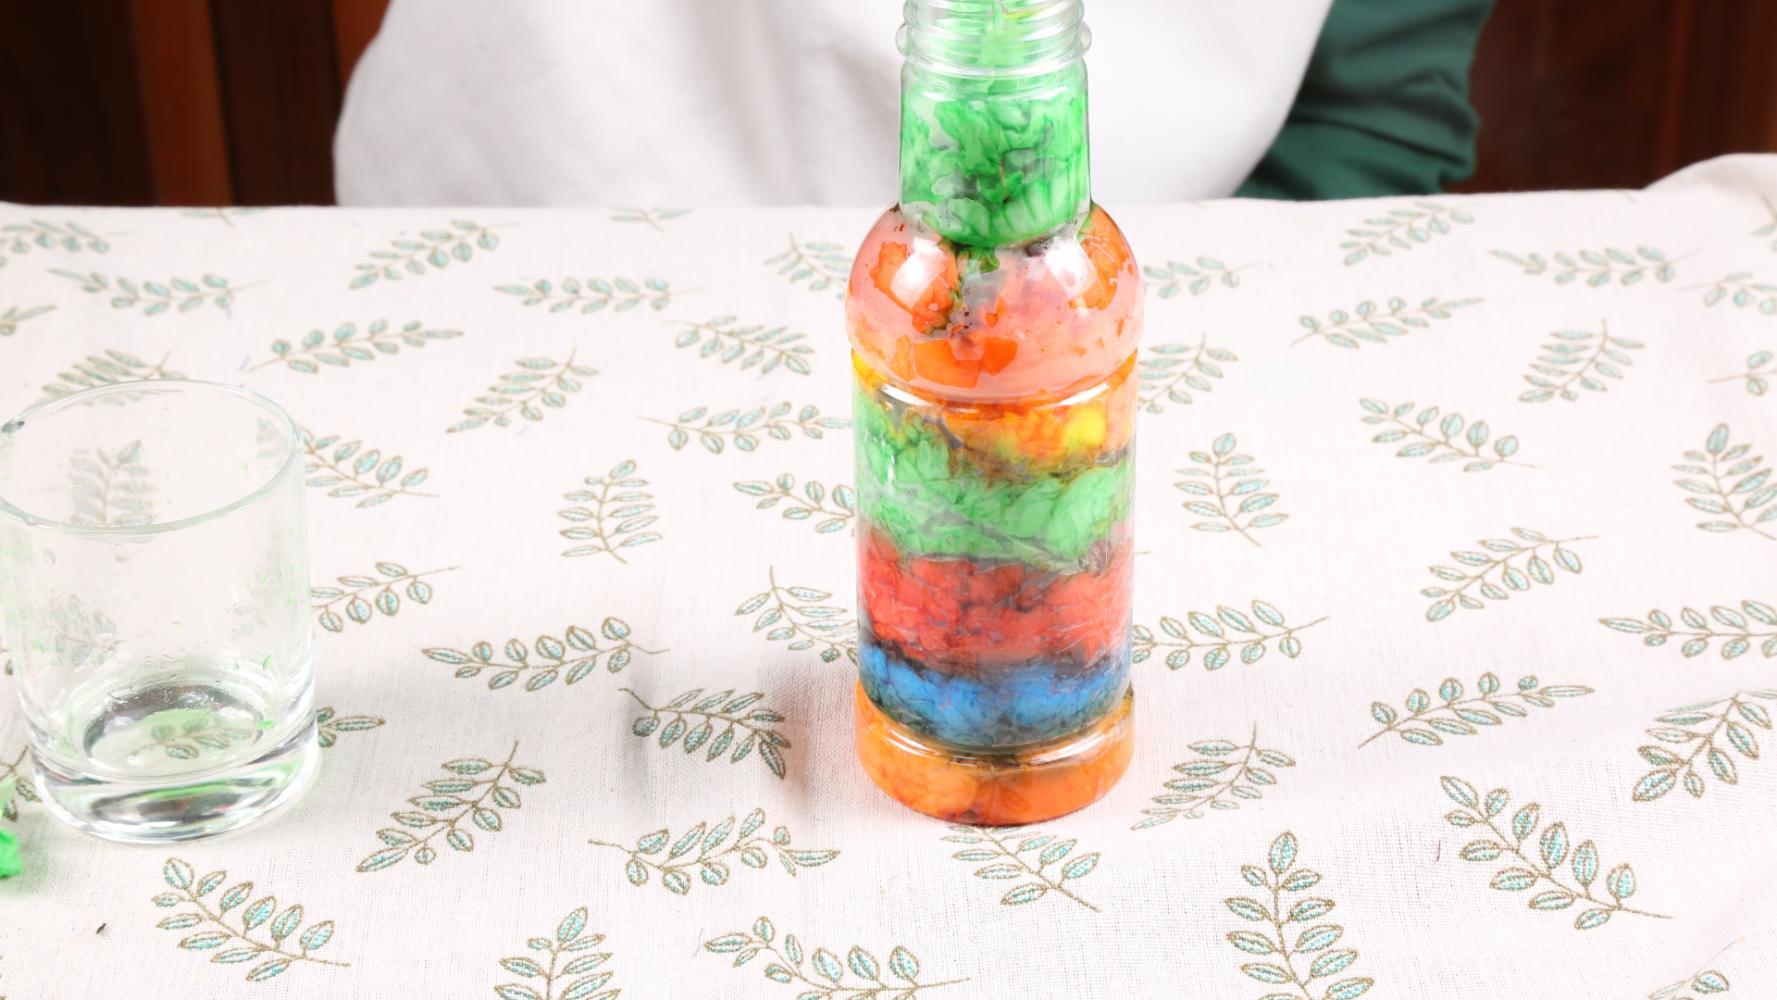 空瓶子废物利用_姑娘用空瓶子做个彩虹瓶, 摆在书架上真好看, 废物利用又省钱